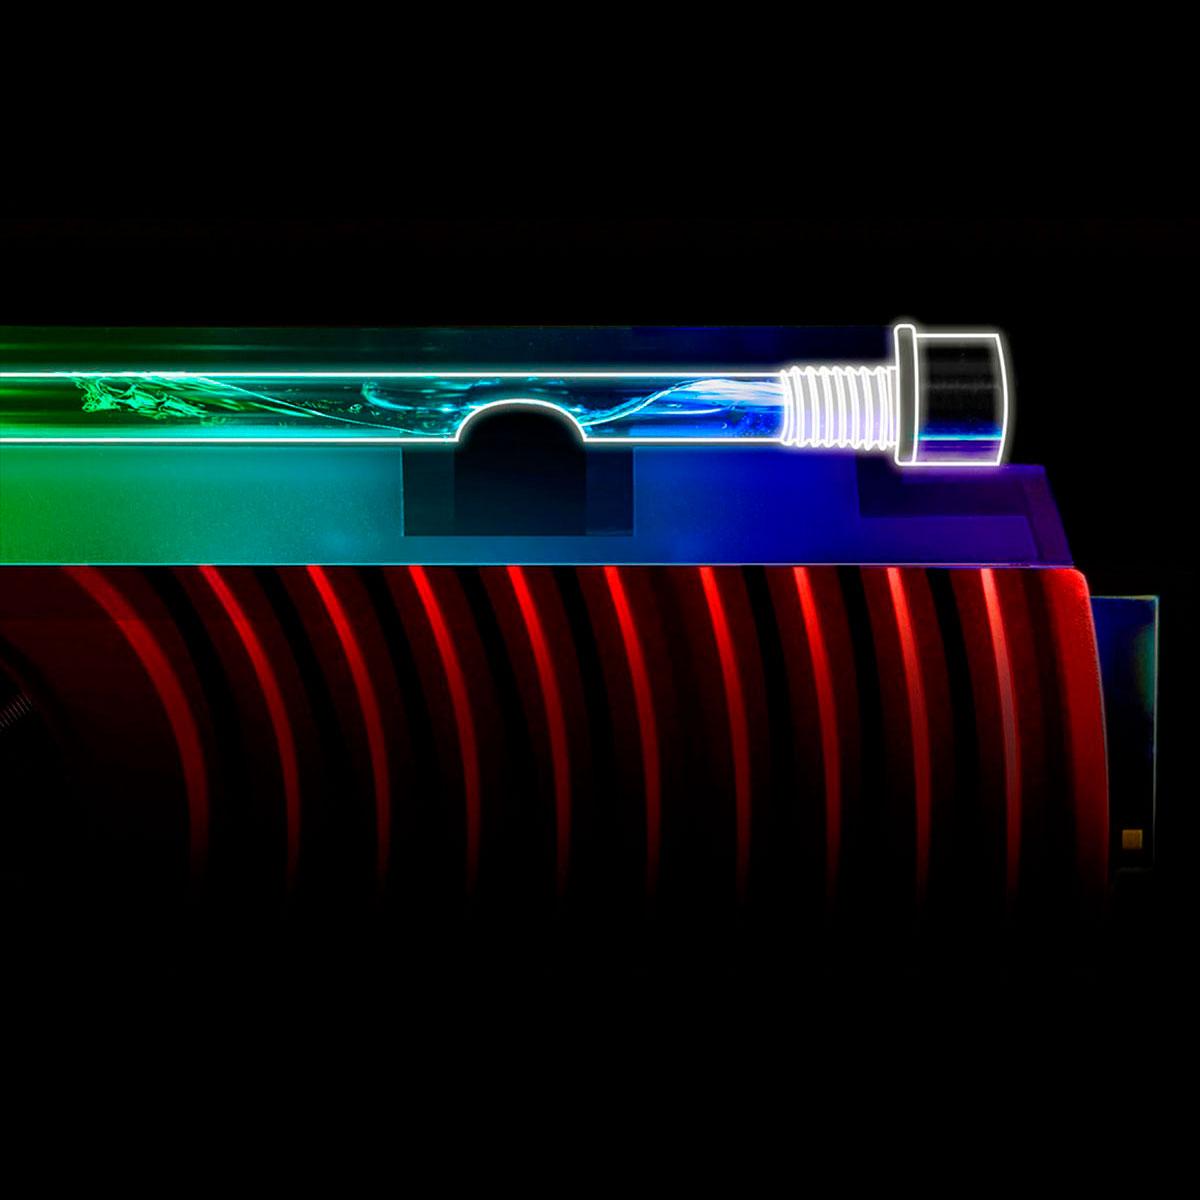 Memoria Gamer Adata XPG Spectrix D80 8GB 3600MHz DDR4 RGB AX4U360038G17-SR80